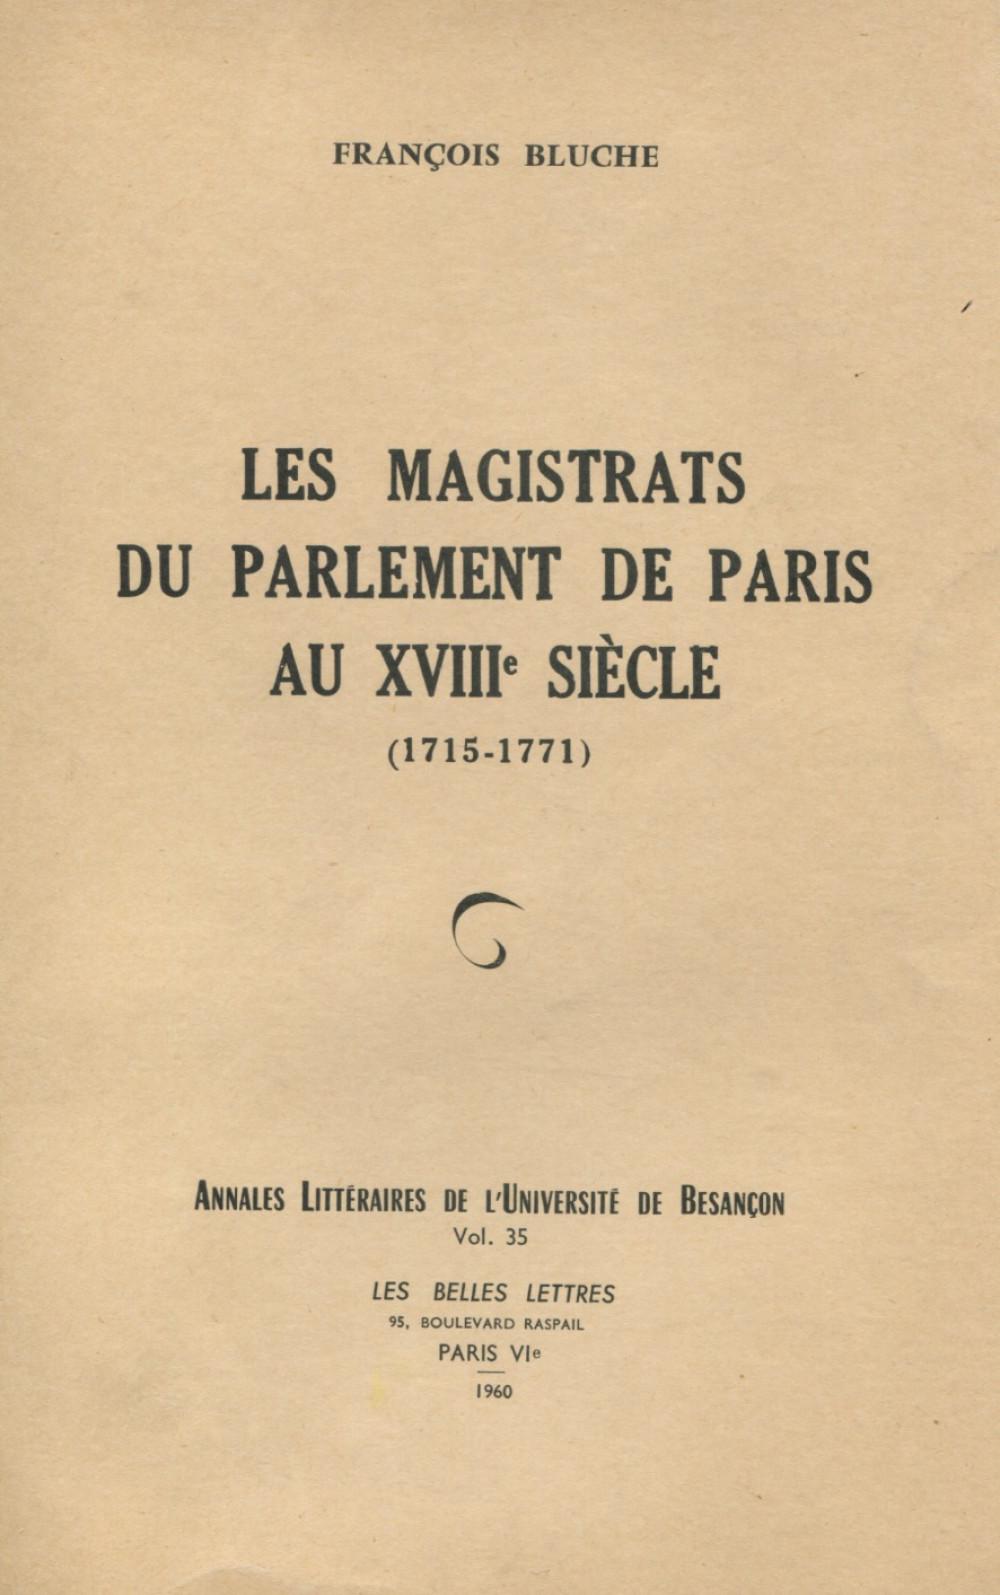 Les institutions ecclésiastiques : Franche-Comté et pays de Montbéliard, Bourgogne-Suisse